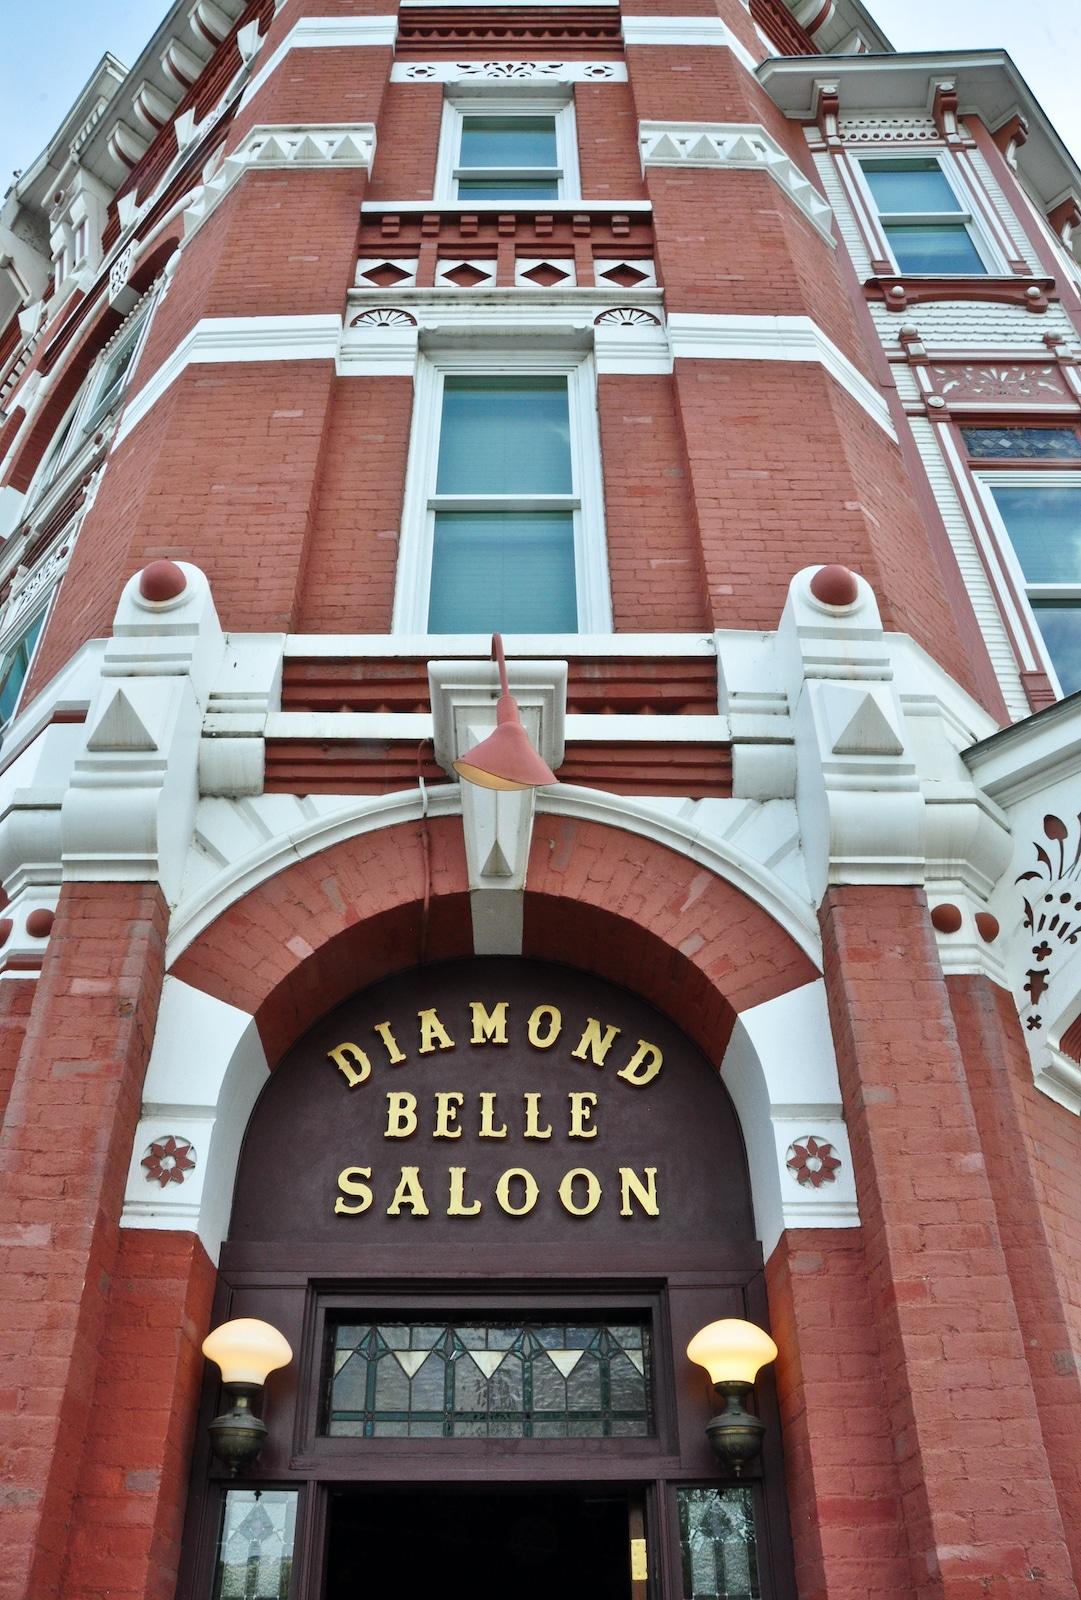 Diamond Belle Saloon Durango CO